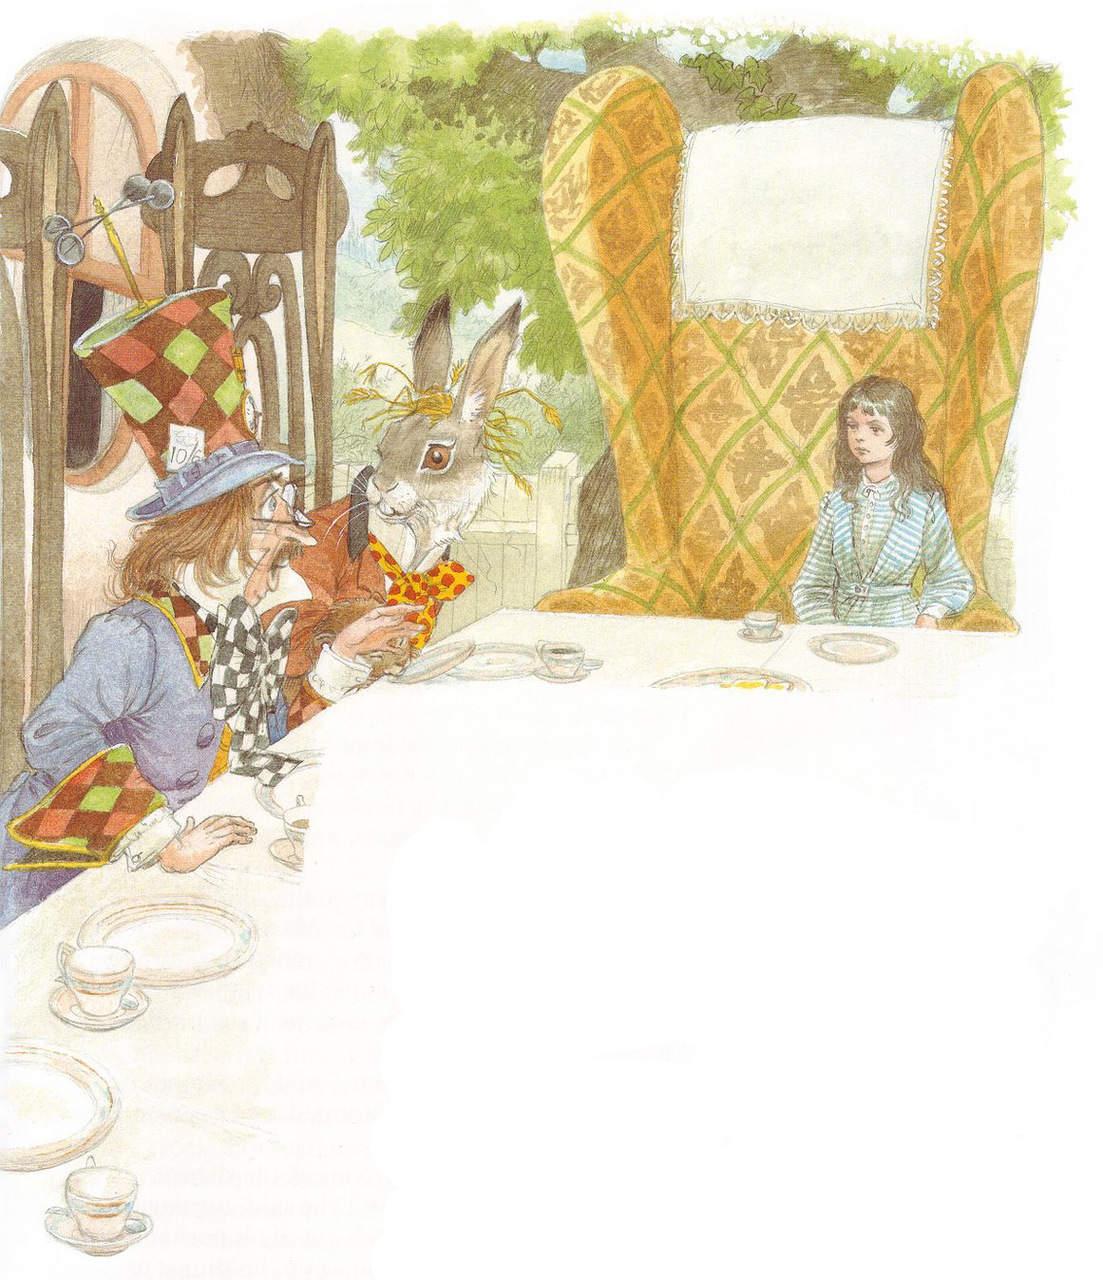 Алиса в стране чудес. Иллюстрации 24